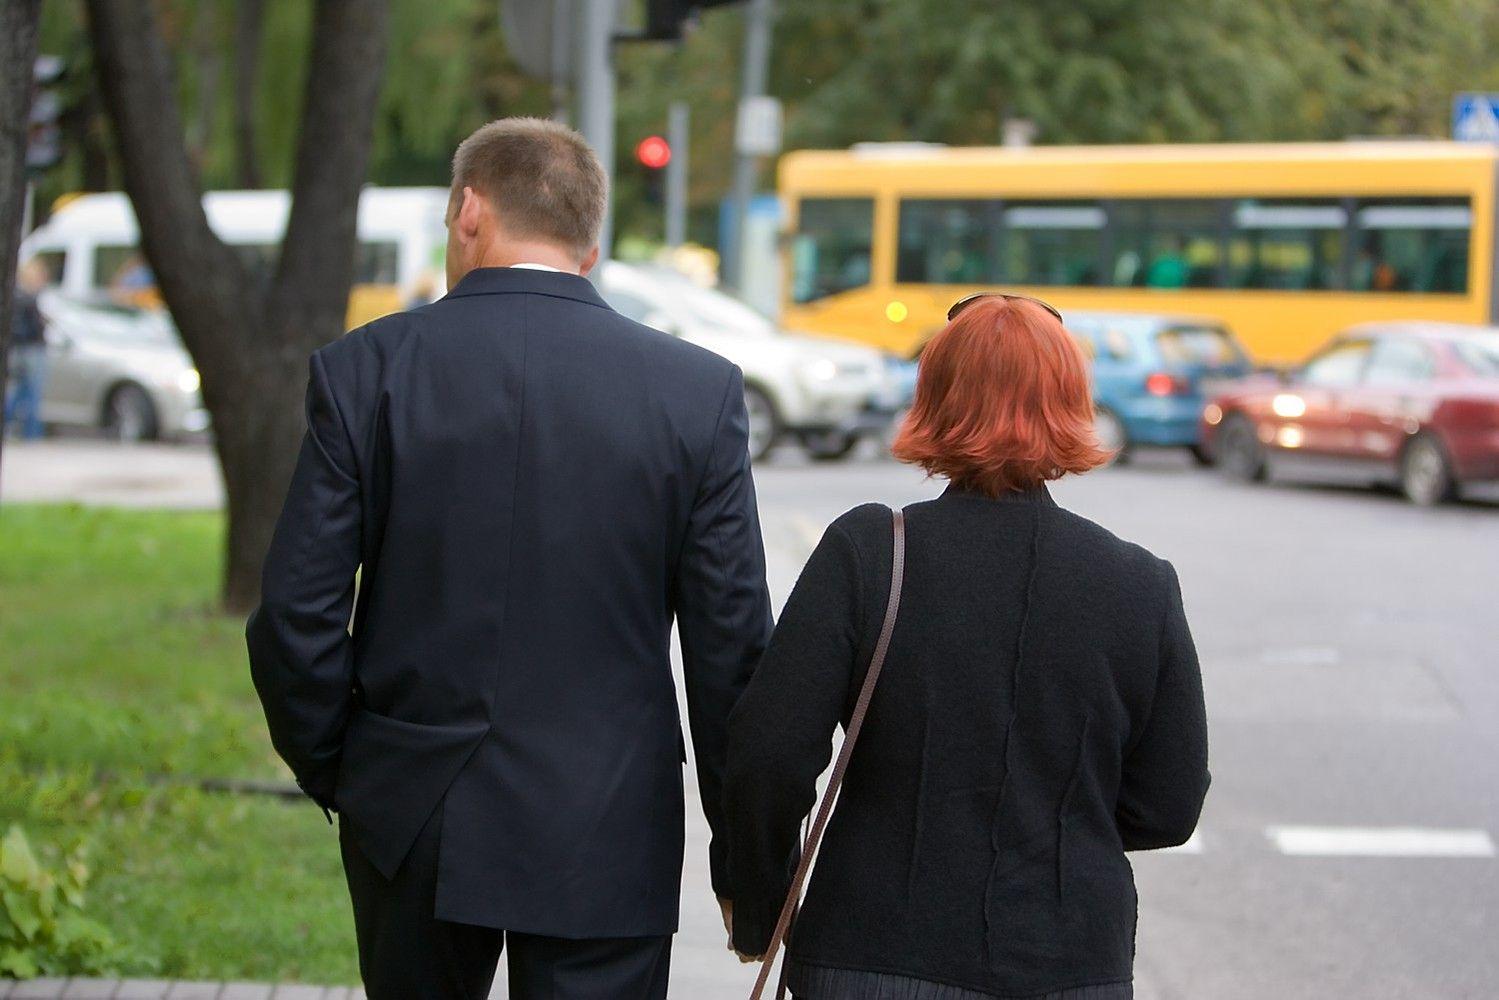 Galutinis sprendimas dėl vartojimo kreditų: gavėjo sutuoktinis vertinamas pagrįstai